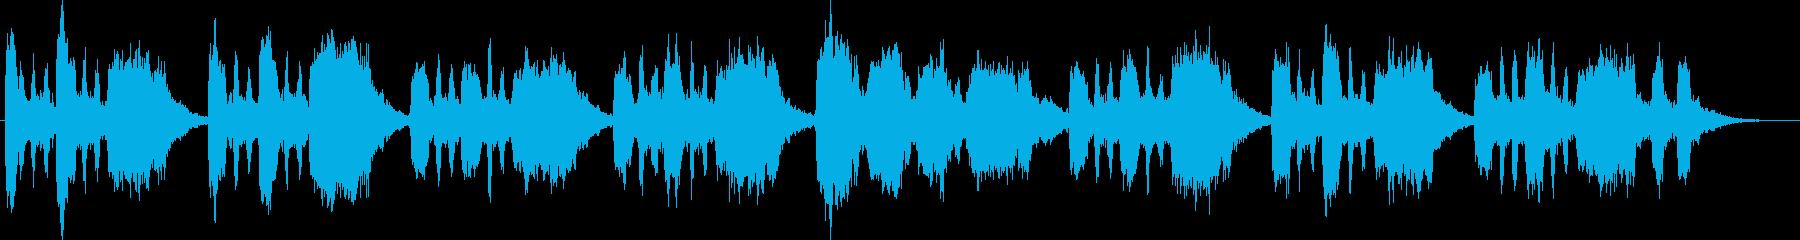 バスーンとシンセのコミカルなジングルの再生済みの波形